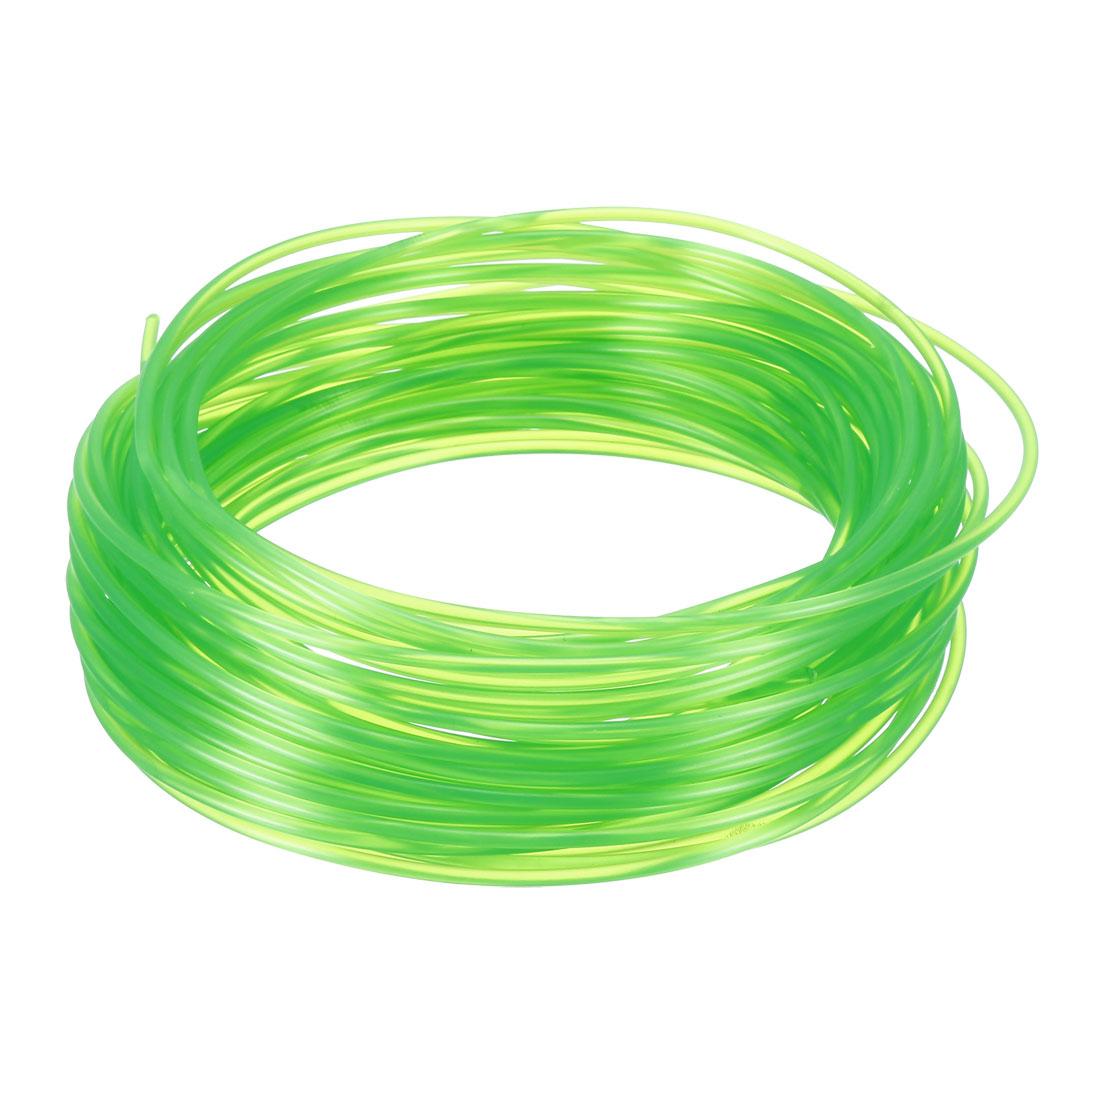 10 Meter/32.5 Ft PLA 3D Pen/3D Printer Filament, 1.75 mm Transparent Green